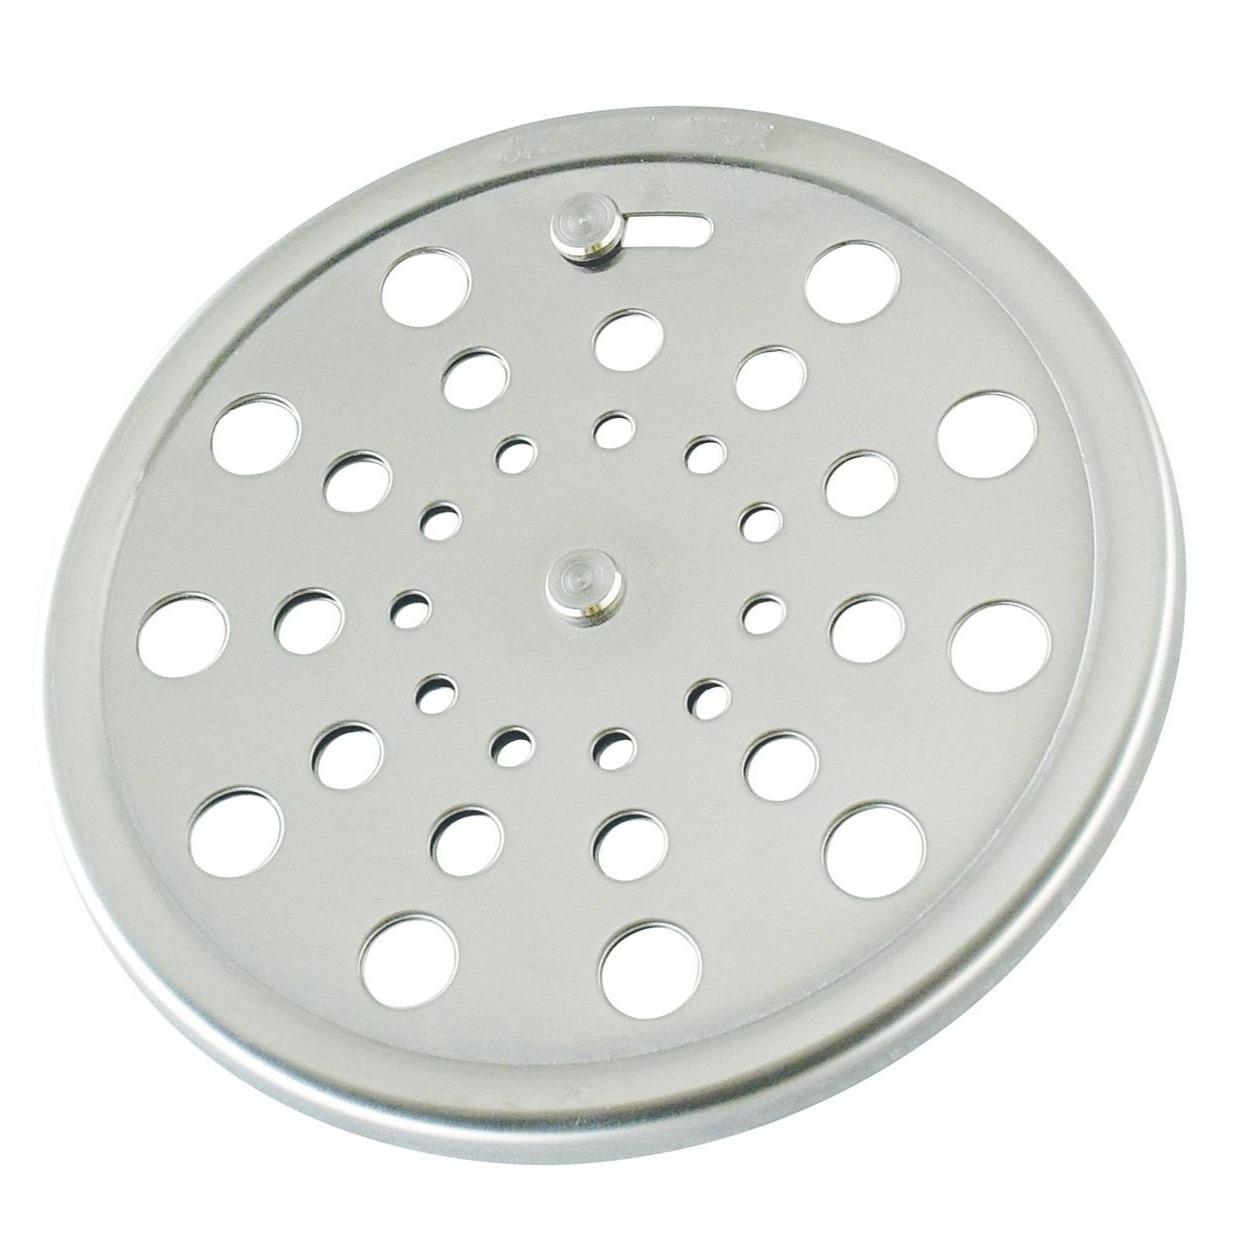 Grelha de Inox Redonda para Esgoto Fecho 10cm 2984 - Jackwal